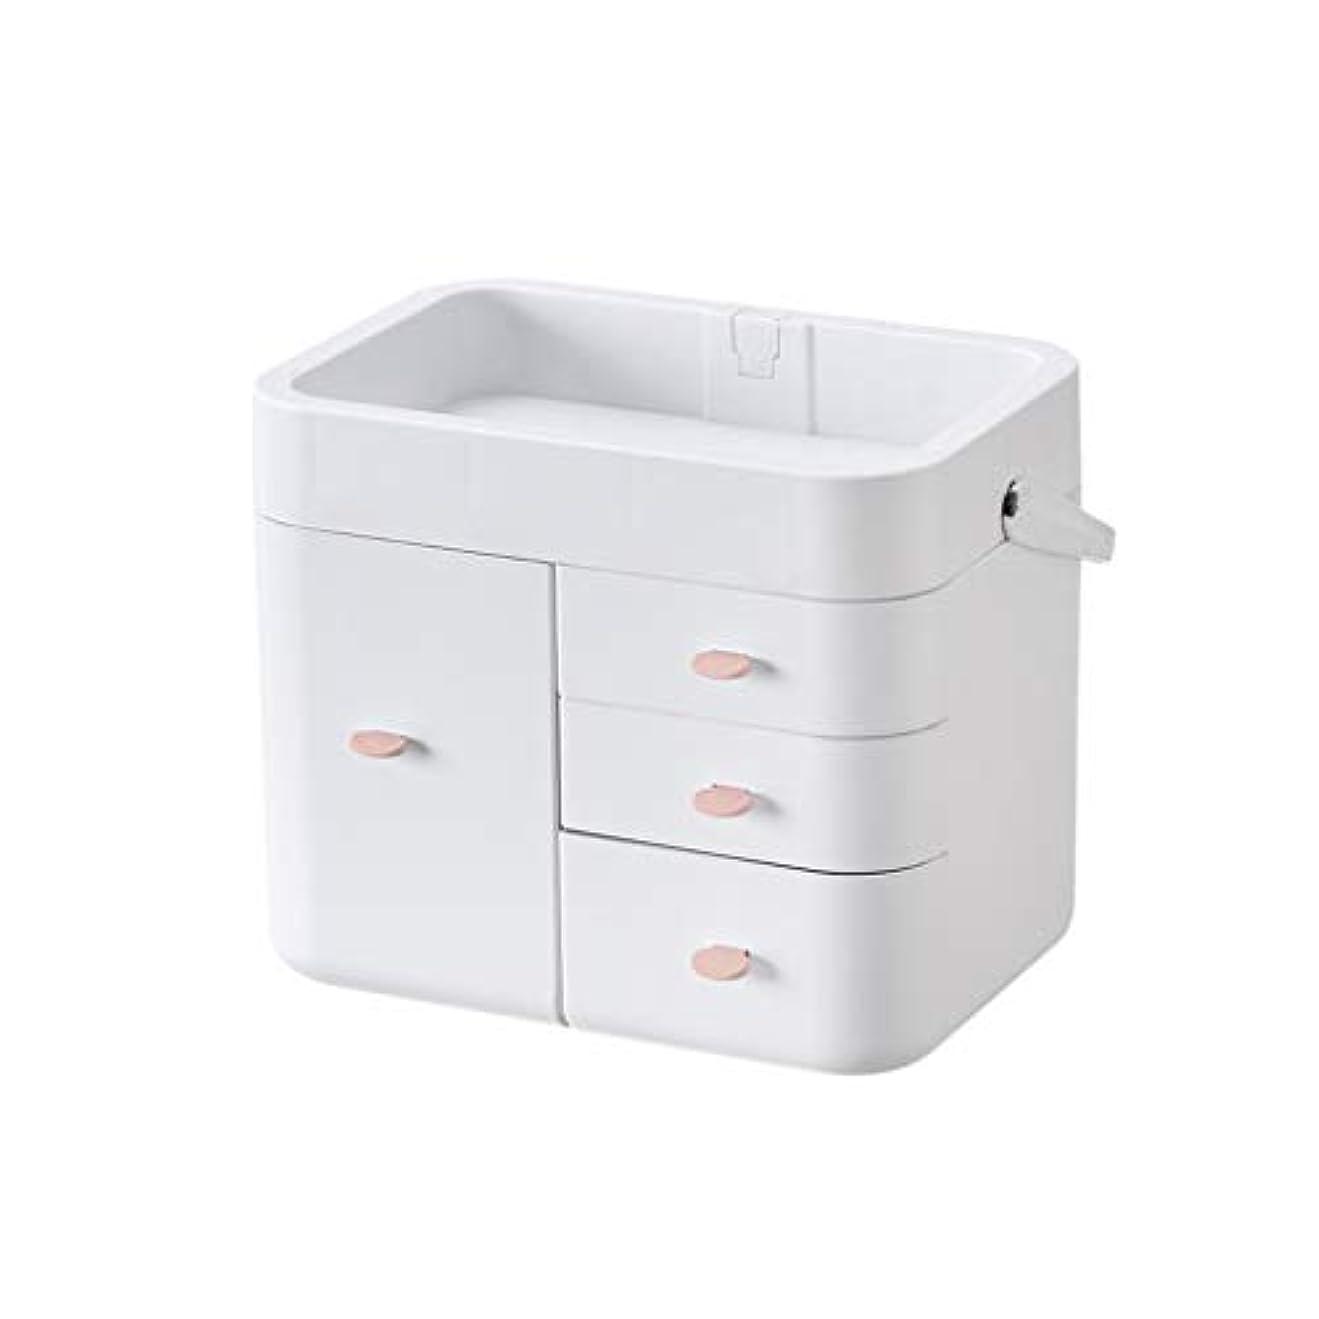 不愉快に冷笑する追跡化粧品オーガナイザー、ポータブル多機能化粧品ケース多層収納ボックス (色 : B)